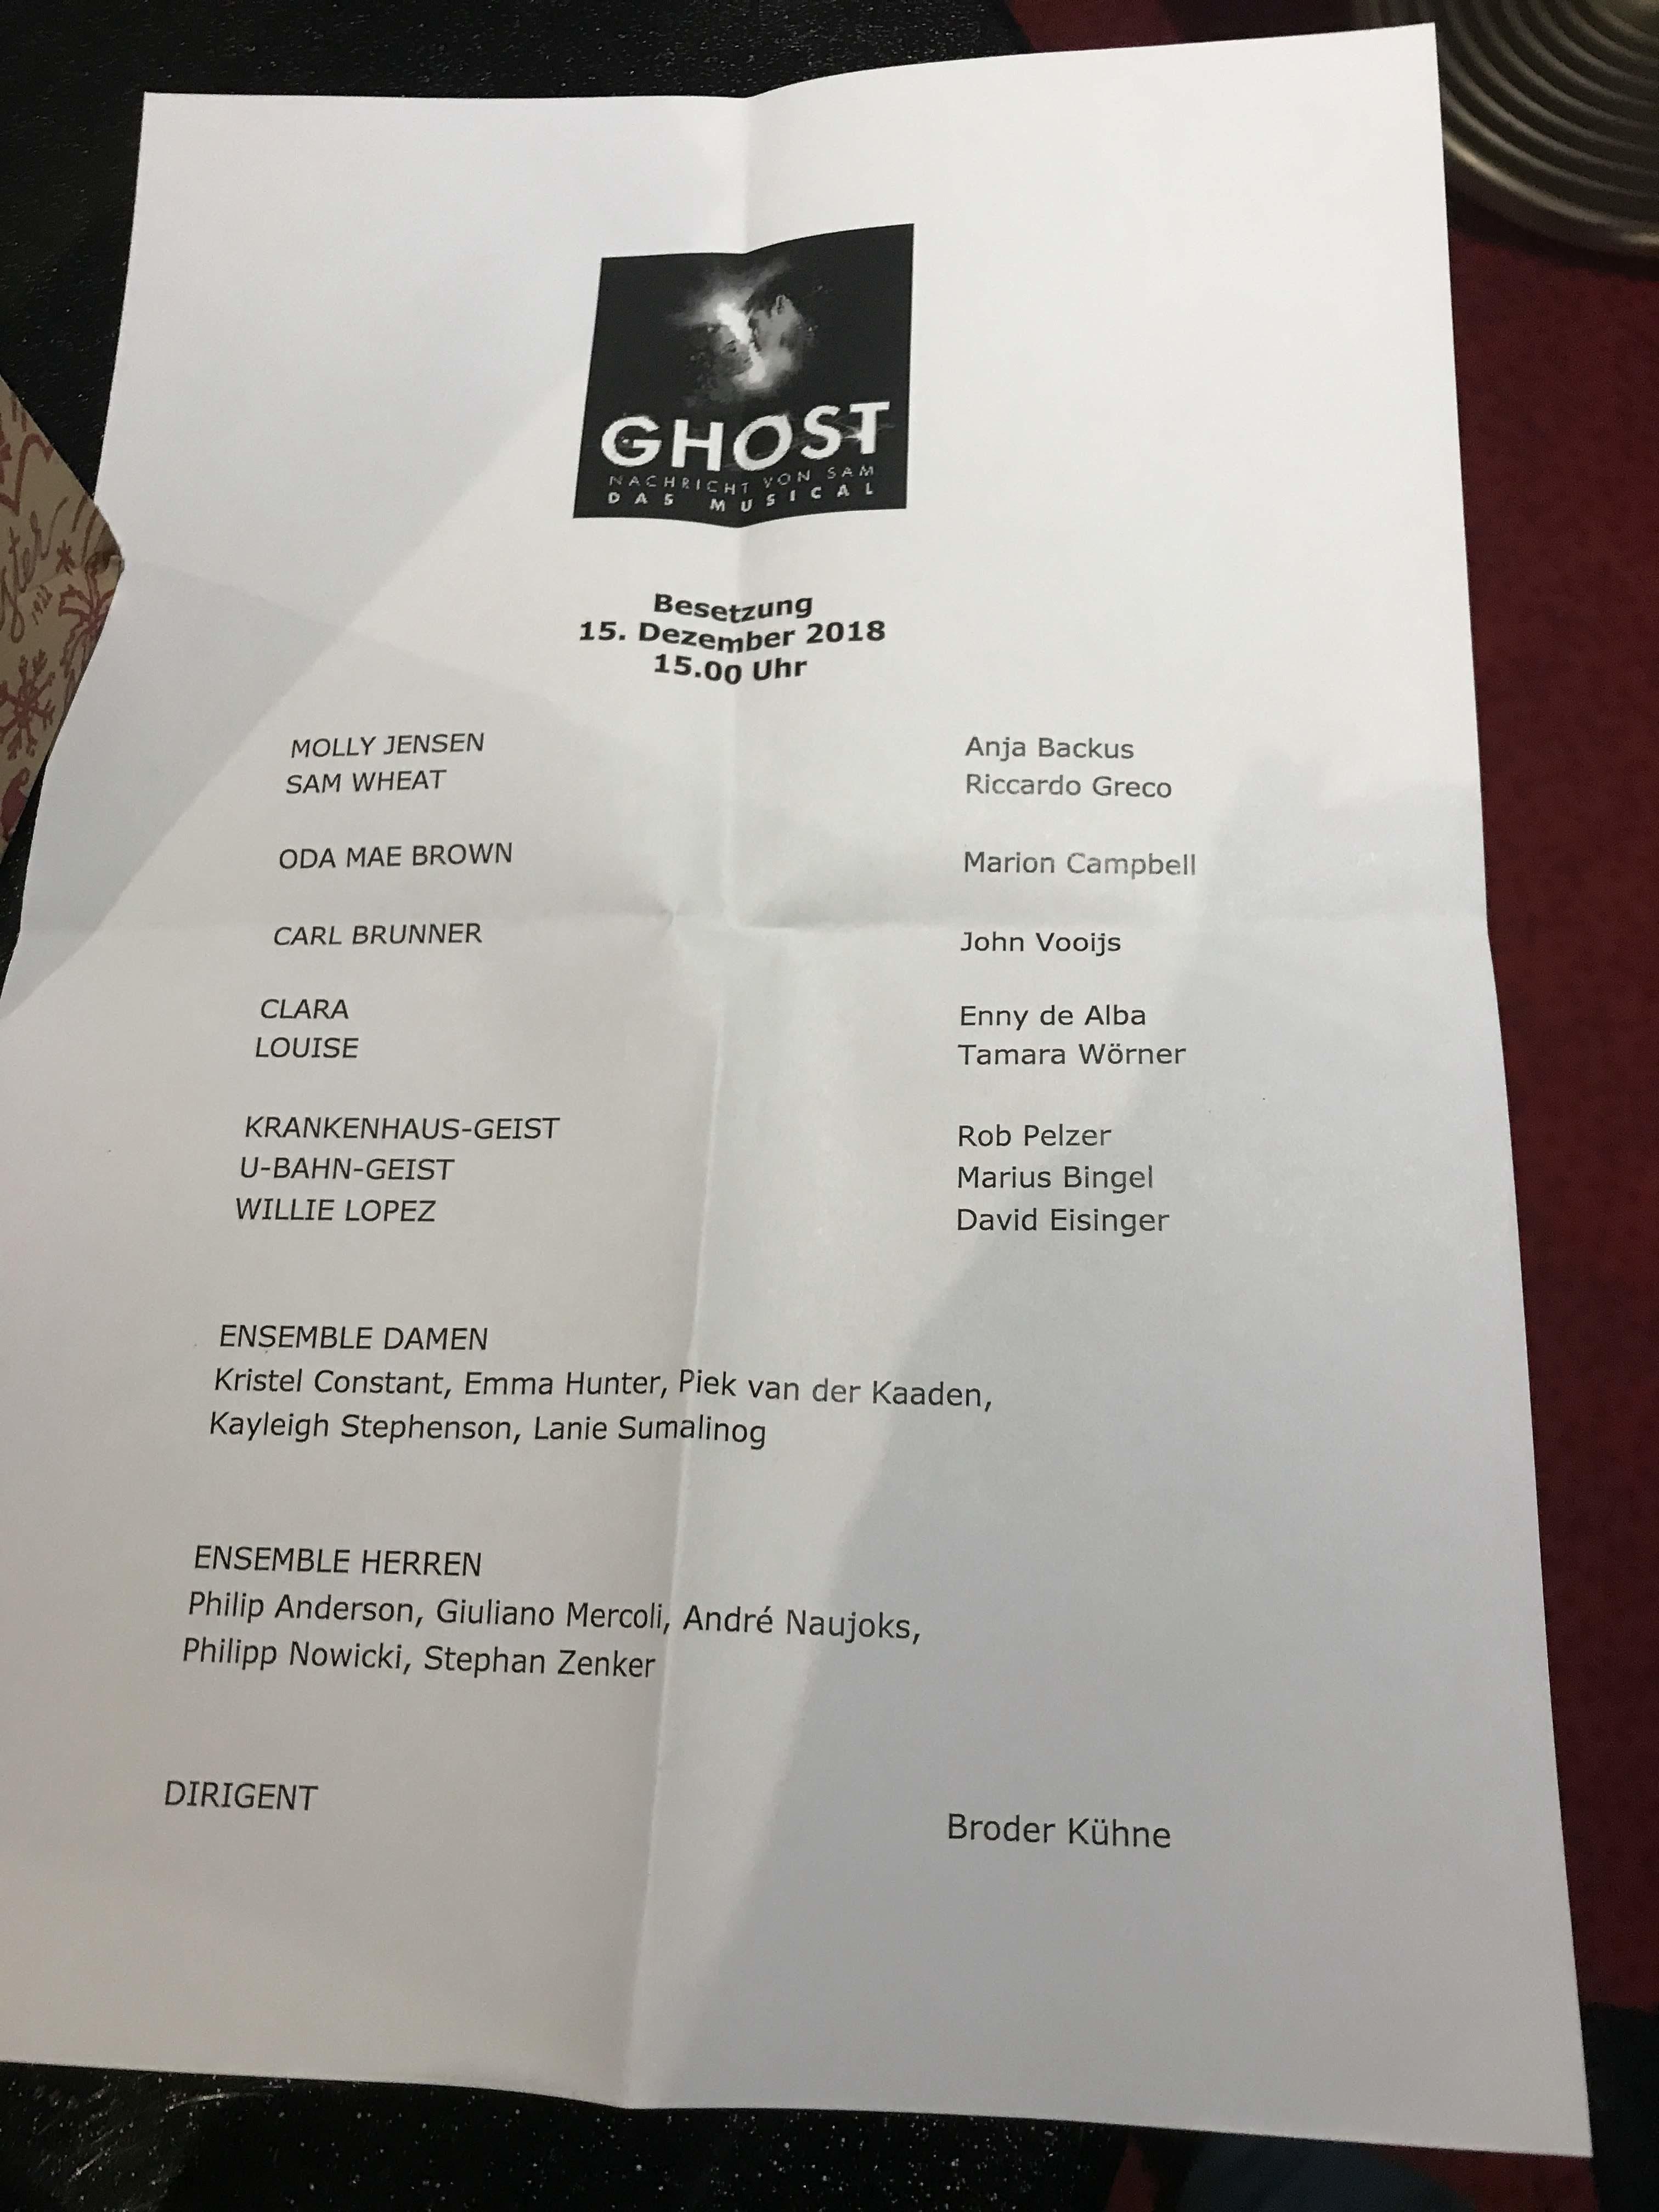 Besetzung am 15.12.2018 im Stage Operettenhaus